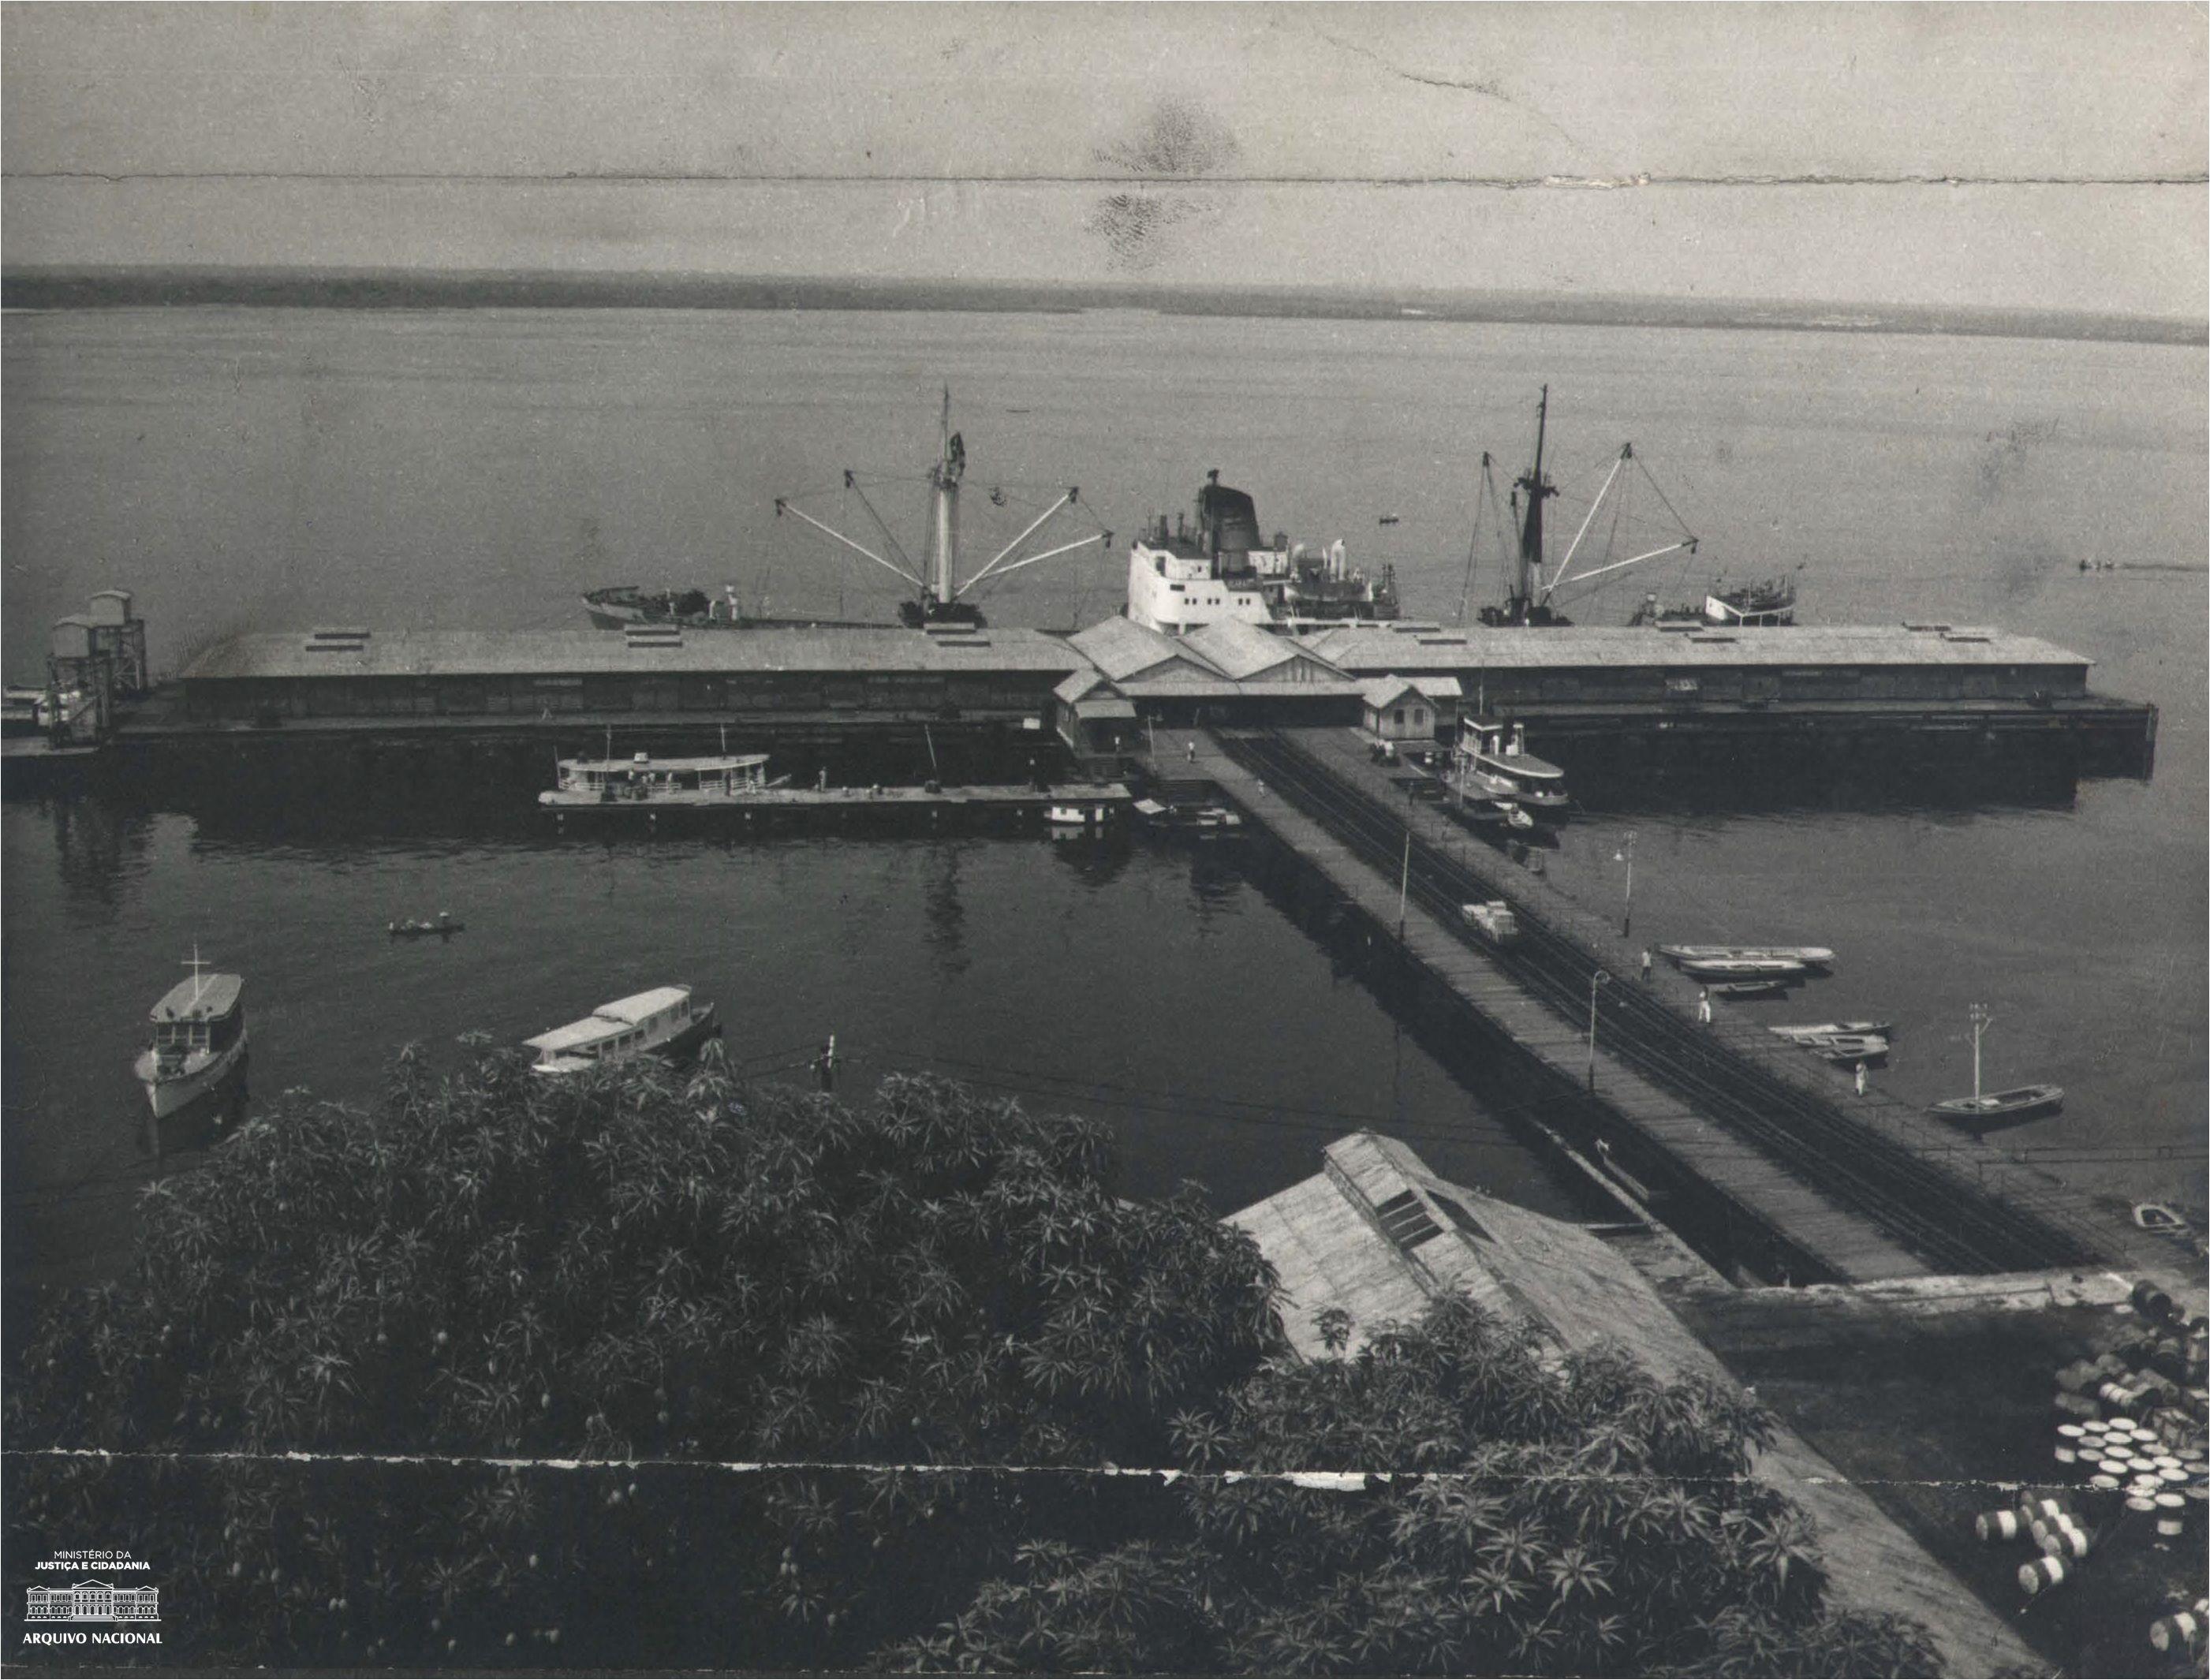 Porto De Manaus 1969 Arquivo Nacional Fundo Correio Da Manha